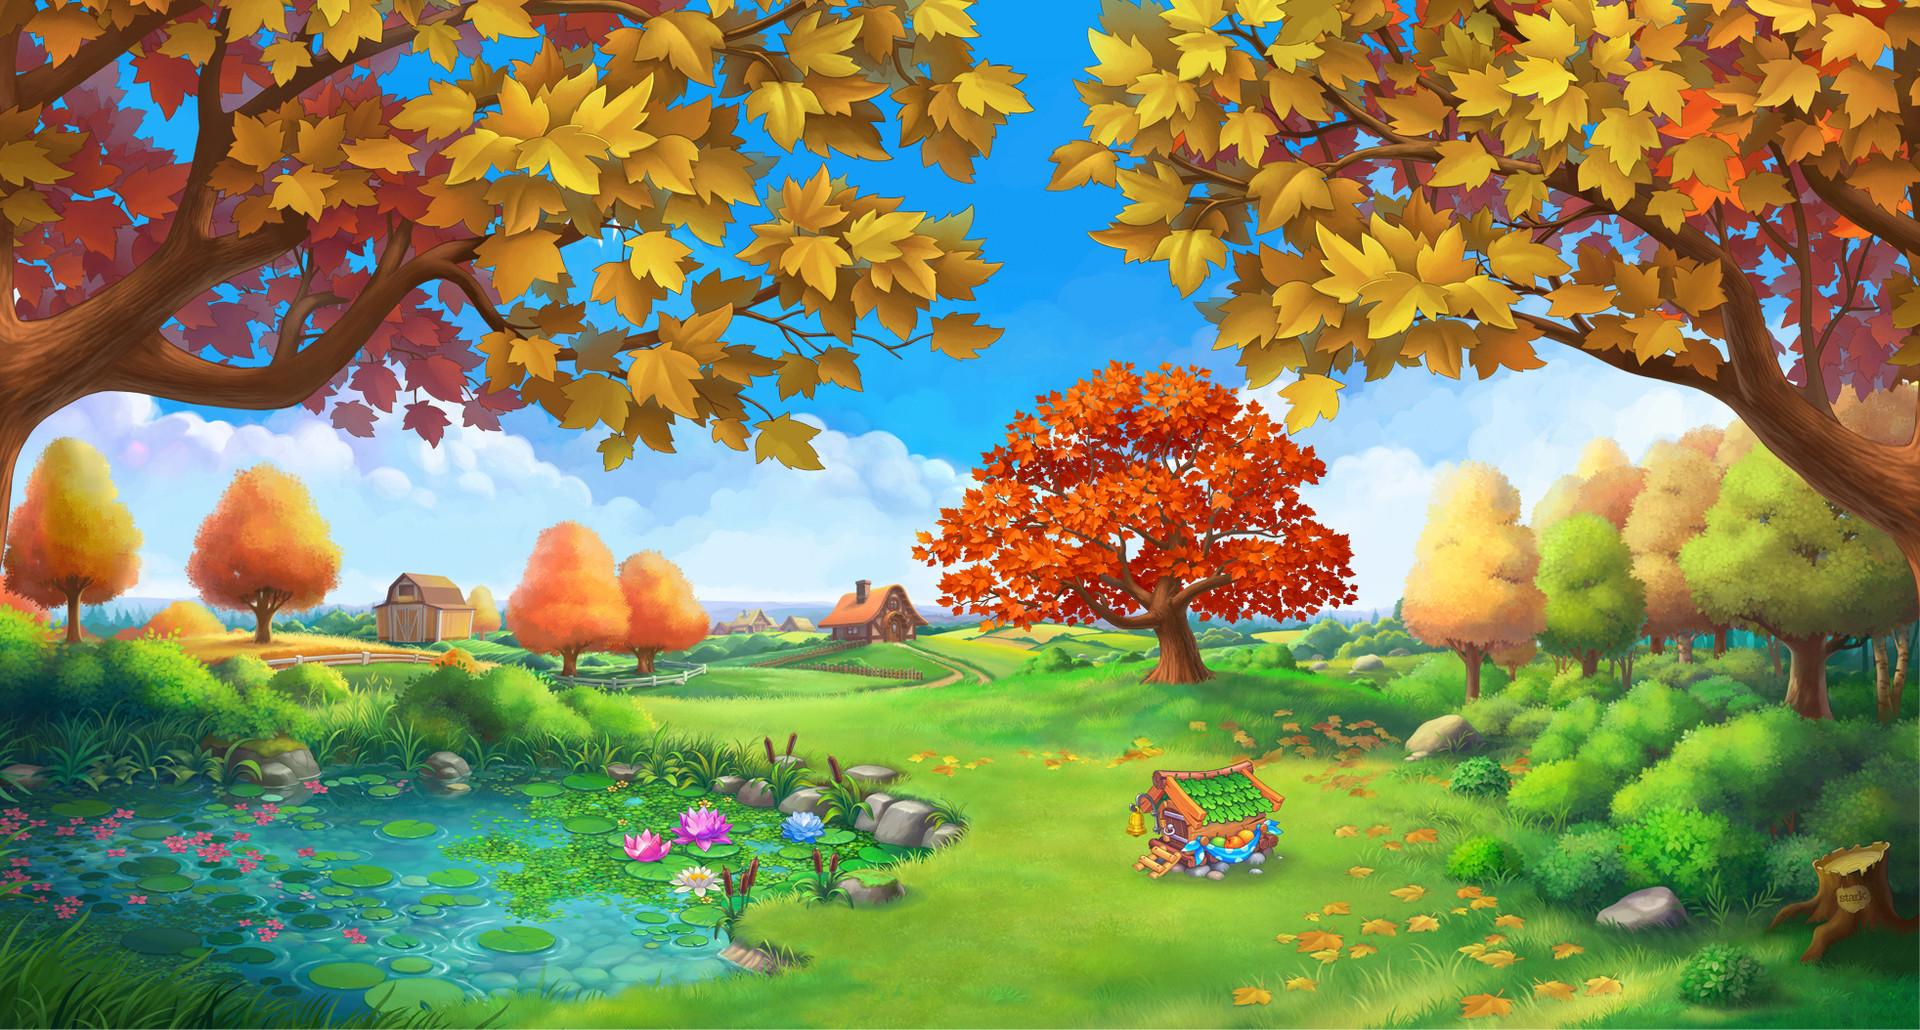 Яркие картинки осени для детского сада, поздравительные открытки